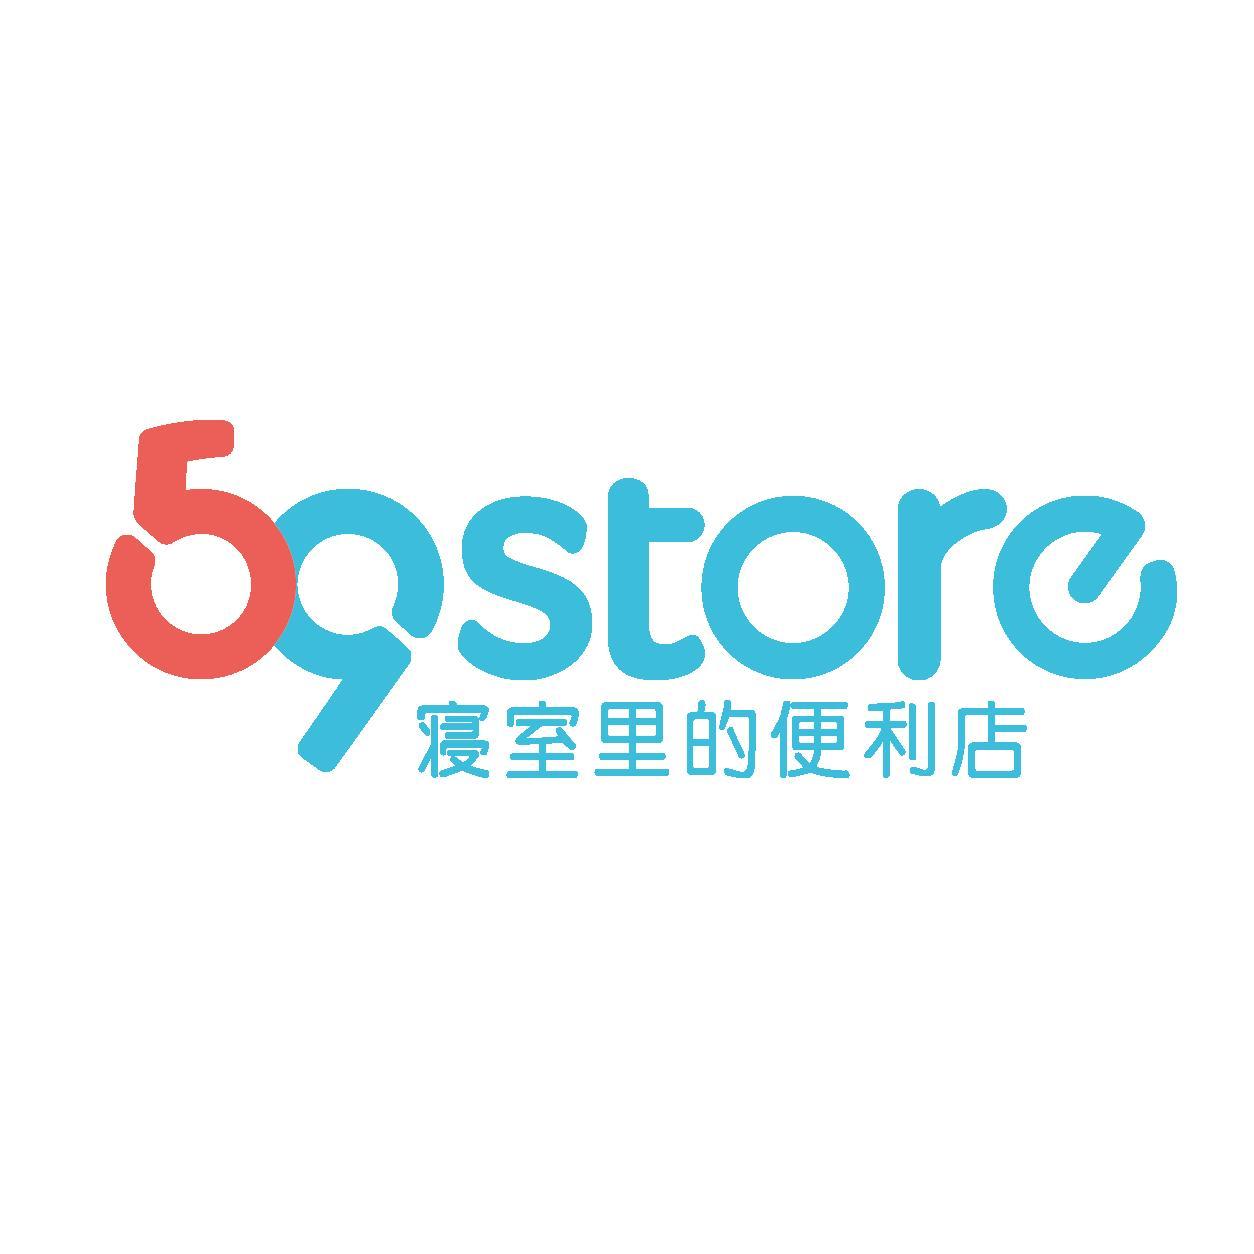 宿舍logo设计329 宿舍logo设计329分享展示